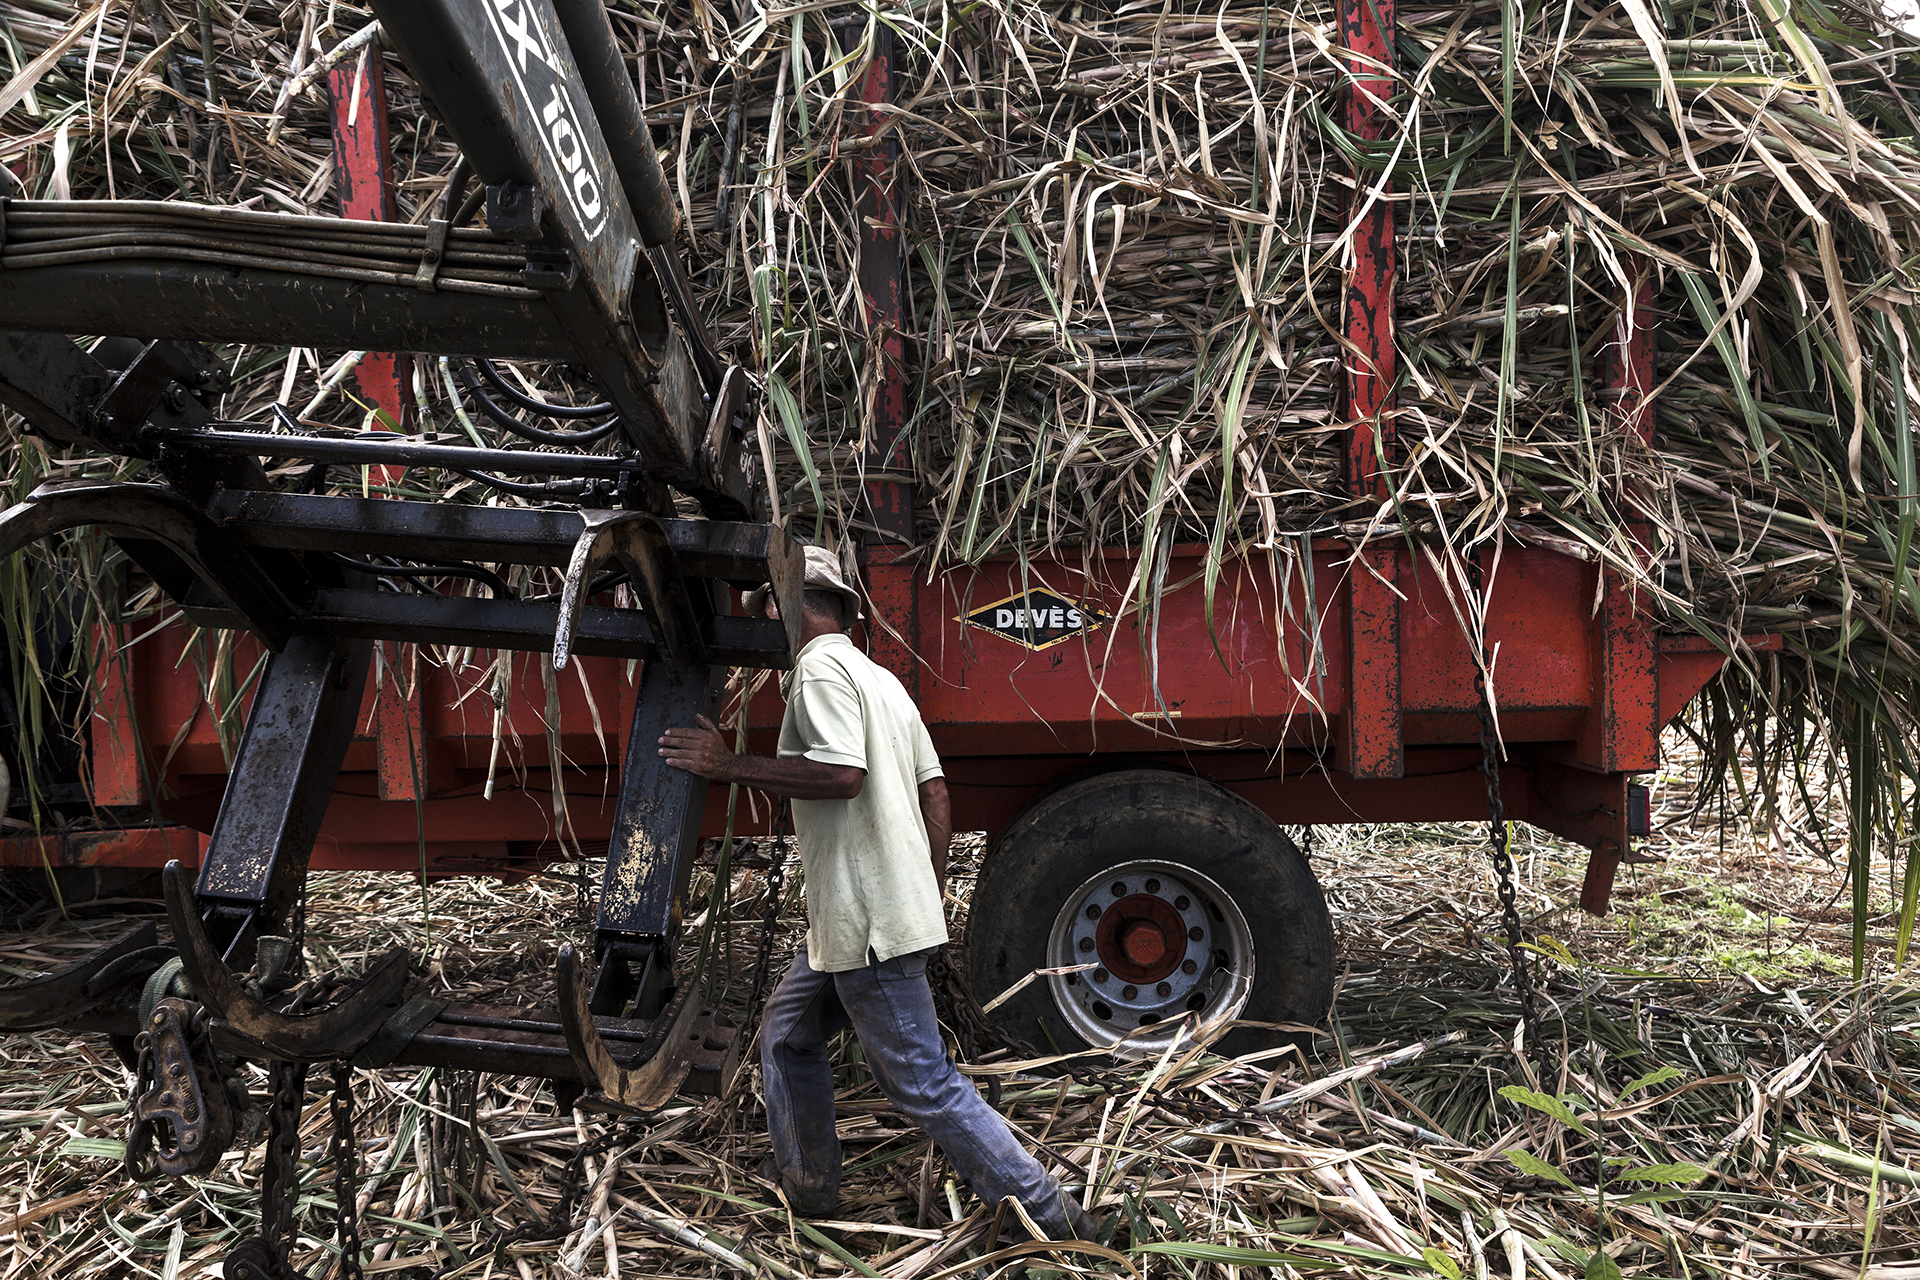 Après une grosse matinée de travail, le chargement des cannes à sucre est prêt pour partir à la balance afin d'être pesé puis à l'usine de traitement. Juillet 2014, commune du Tampon, île de la Réunion.